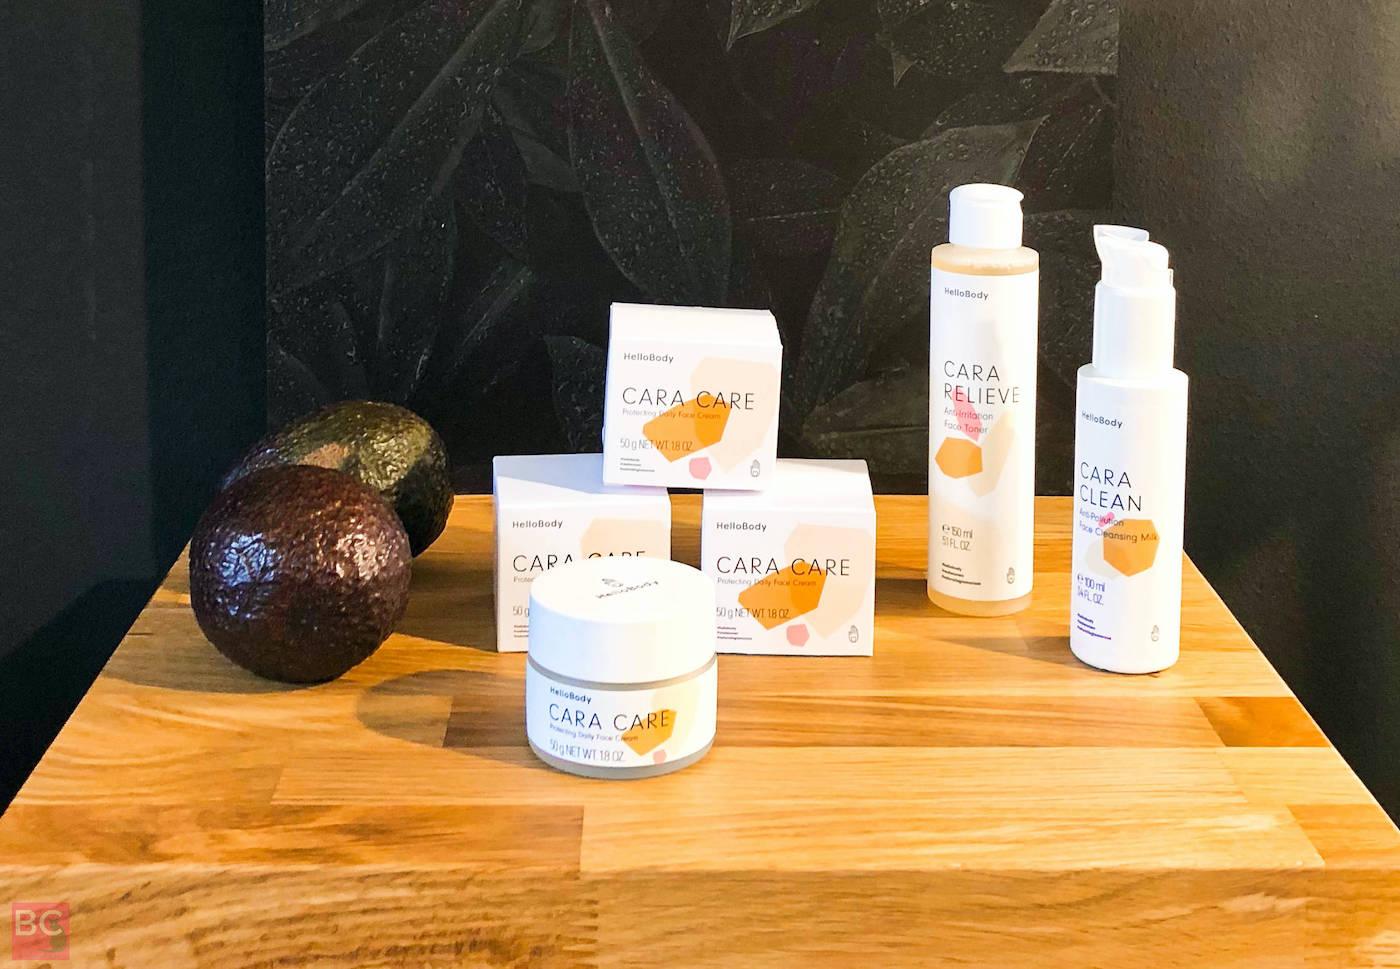 CARA Hello Body Produkte Erfahrungen Bewertungen